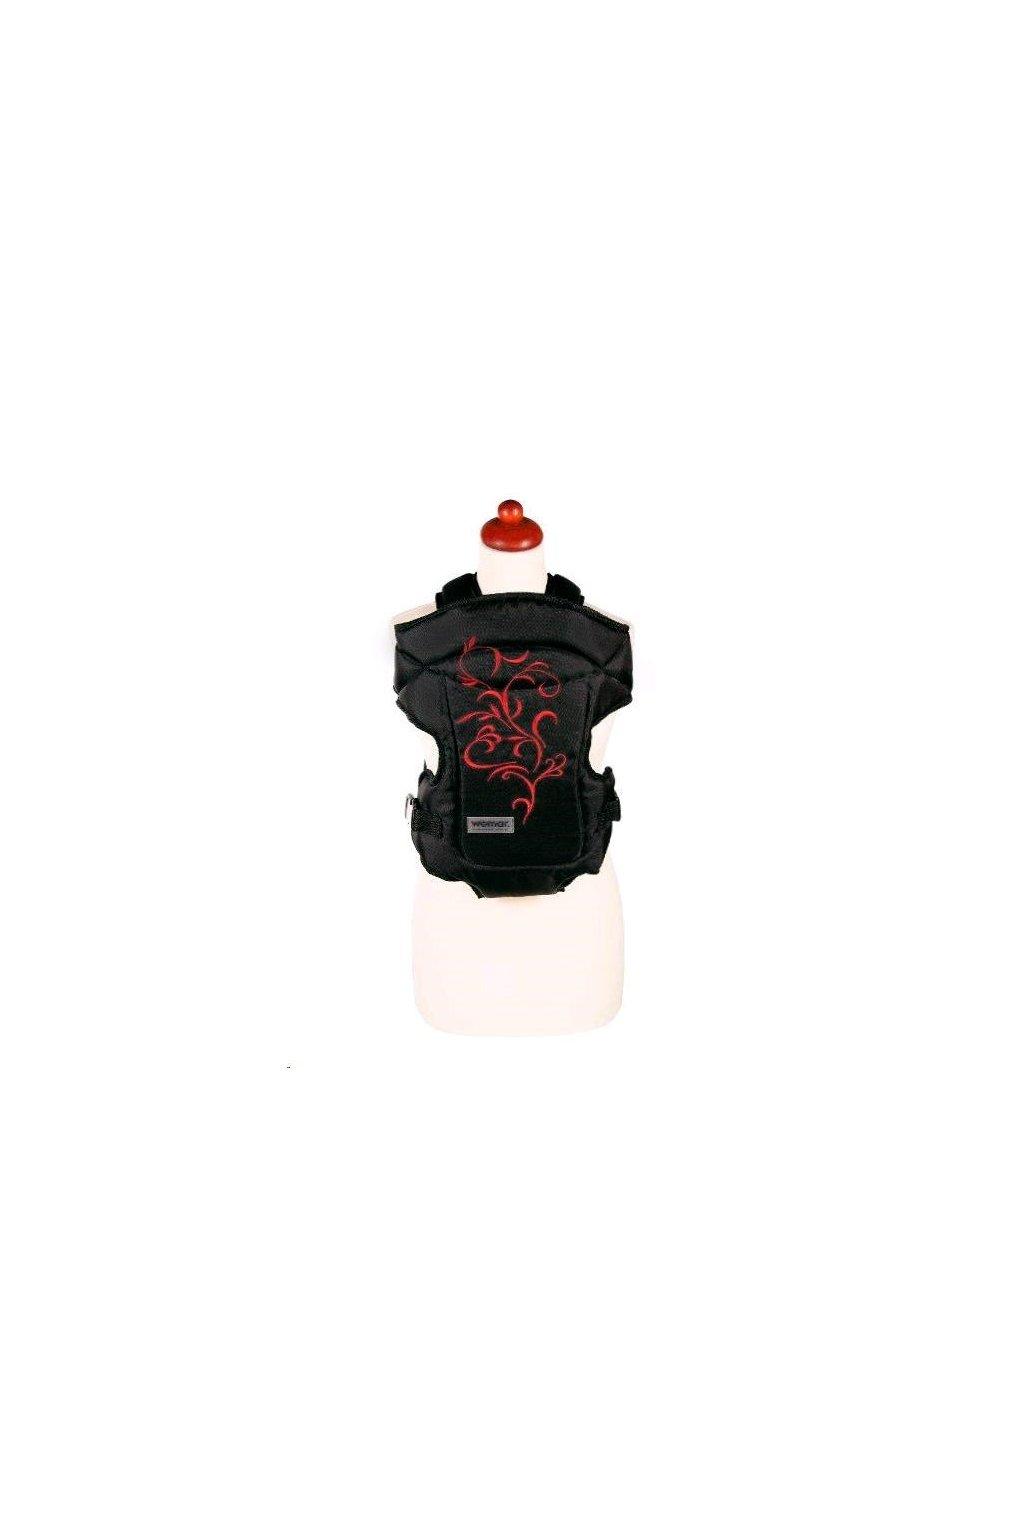 Nosítko Womar Zaffiro Butterfly čierne s červenou výšivkou